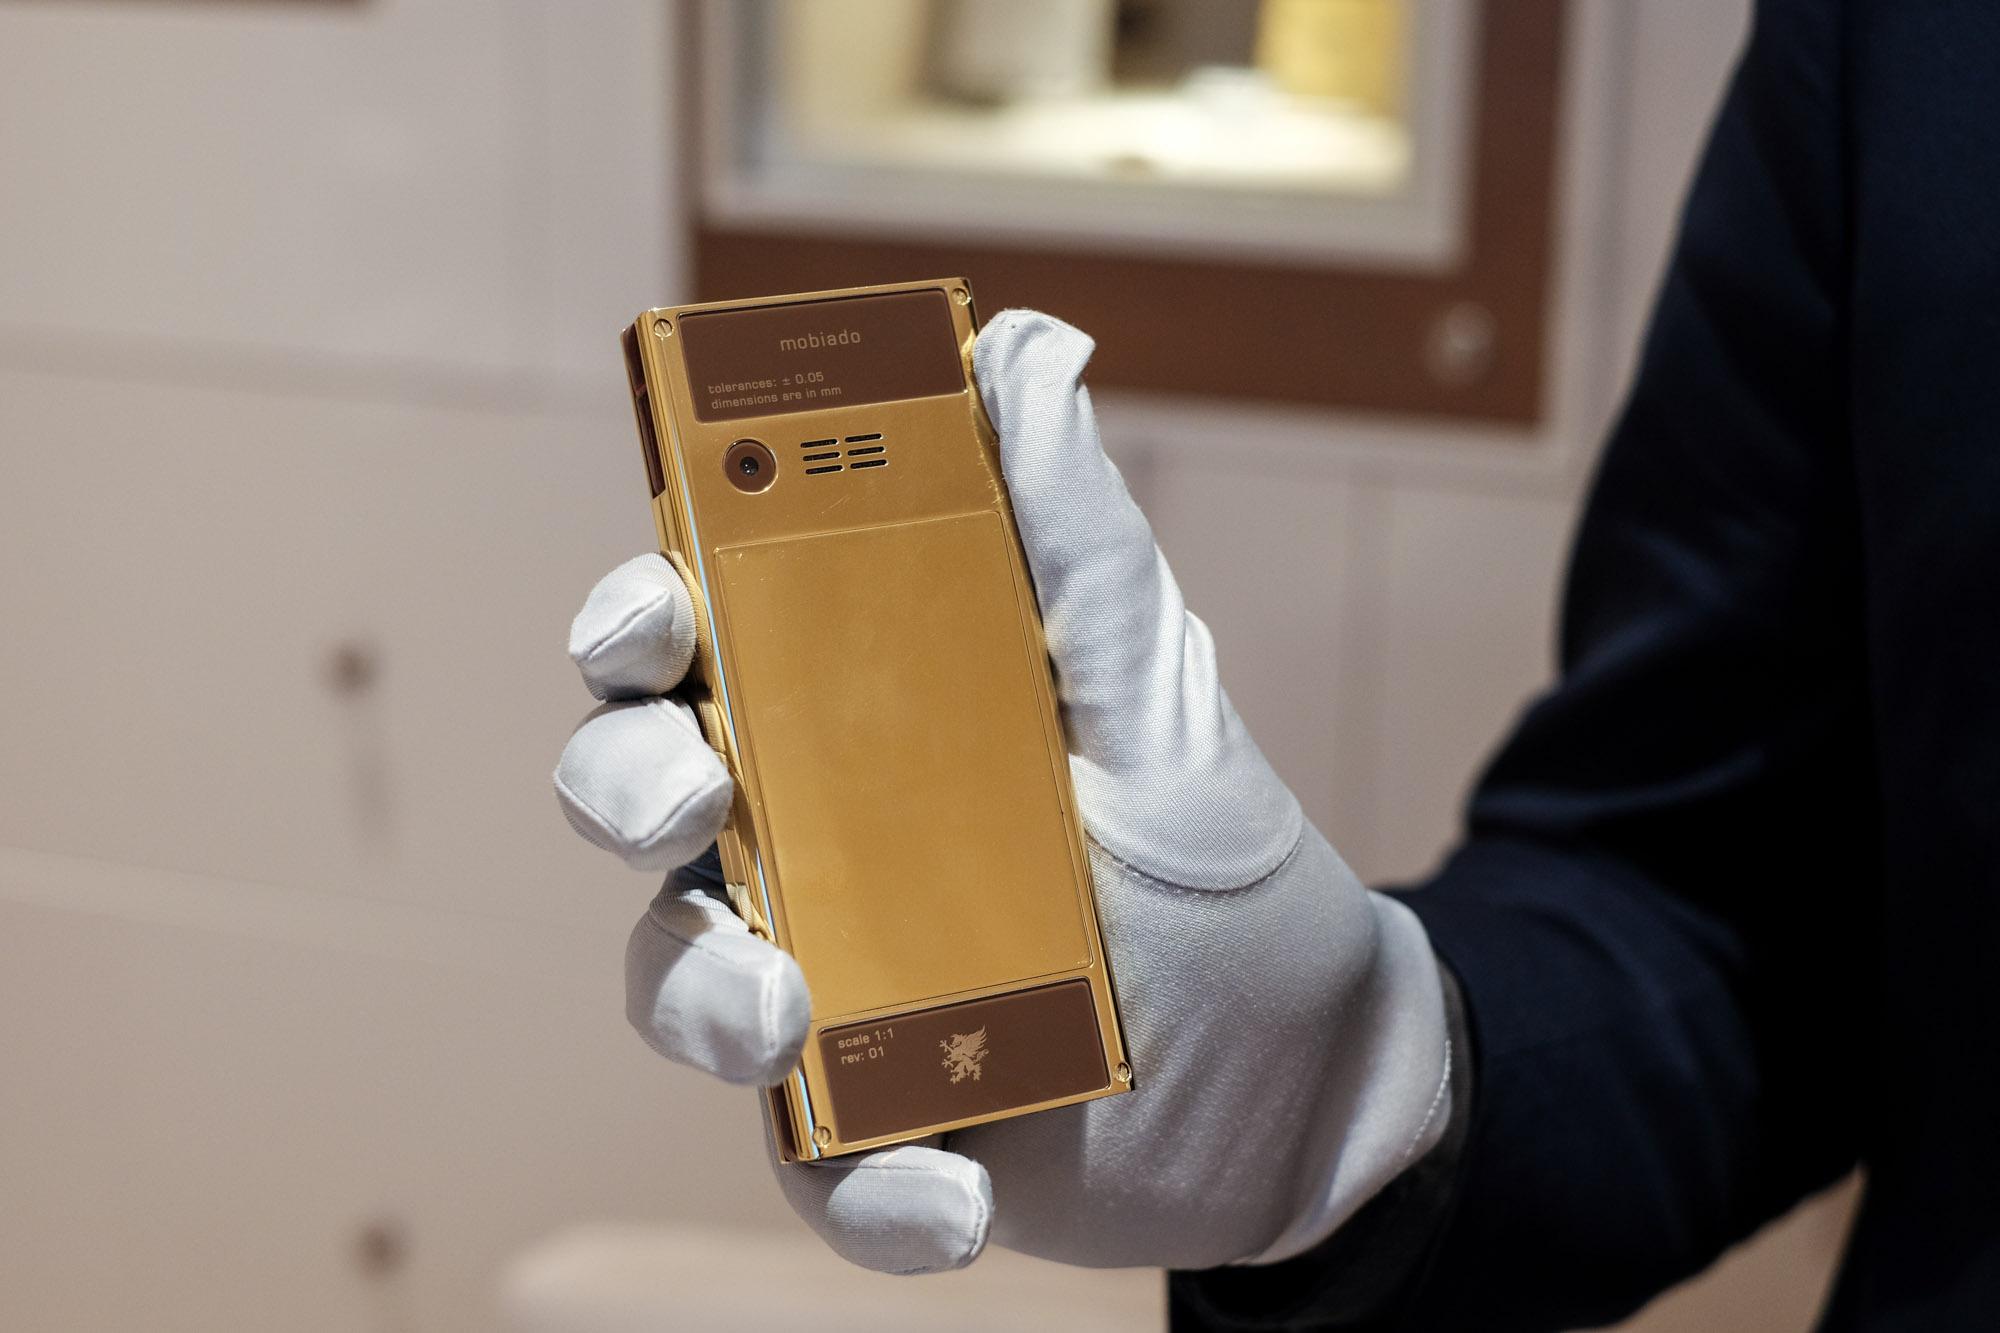 Ngắm nhìn điện thoại Mobiado hạng sang giá đắt nhất Việt Nam - Ảnh 10.